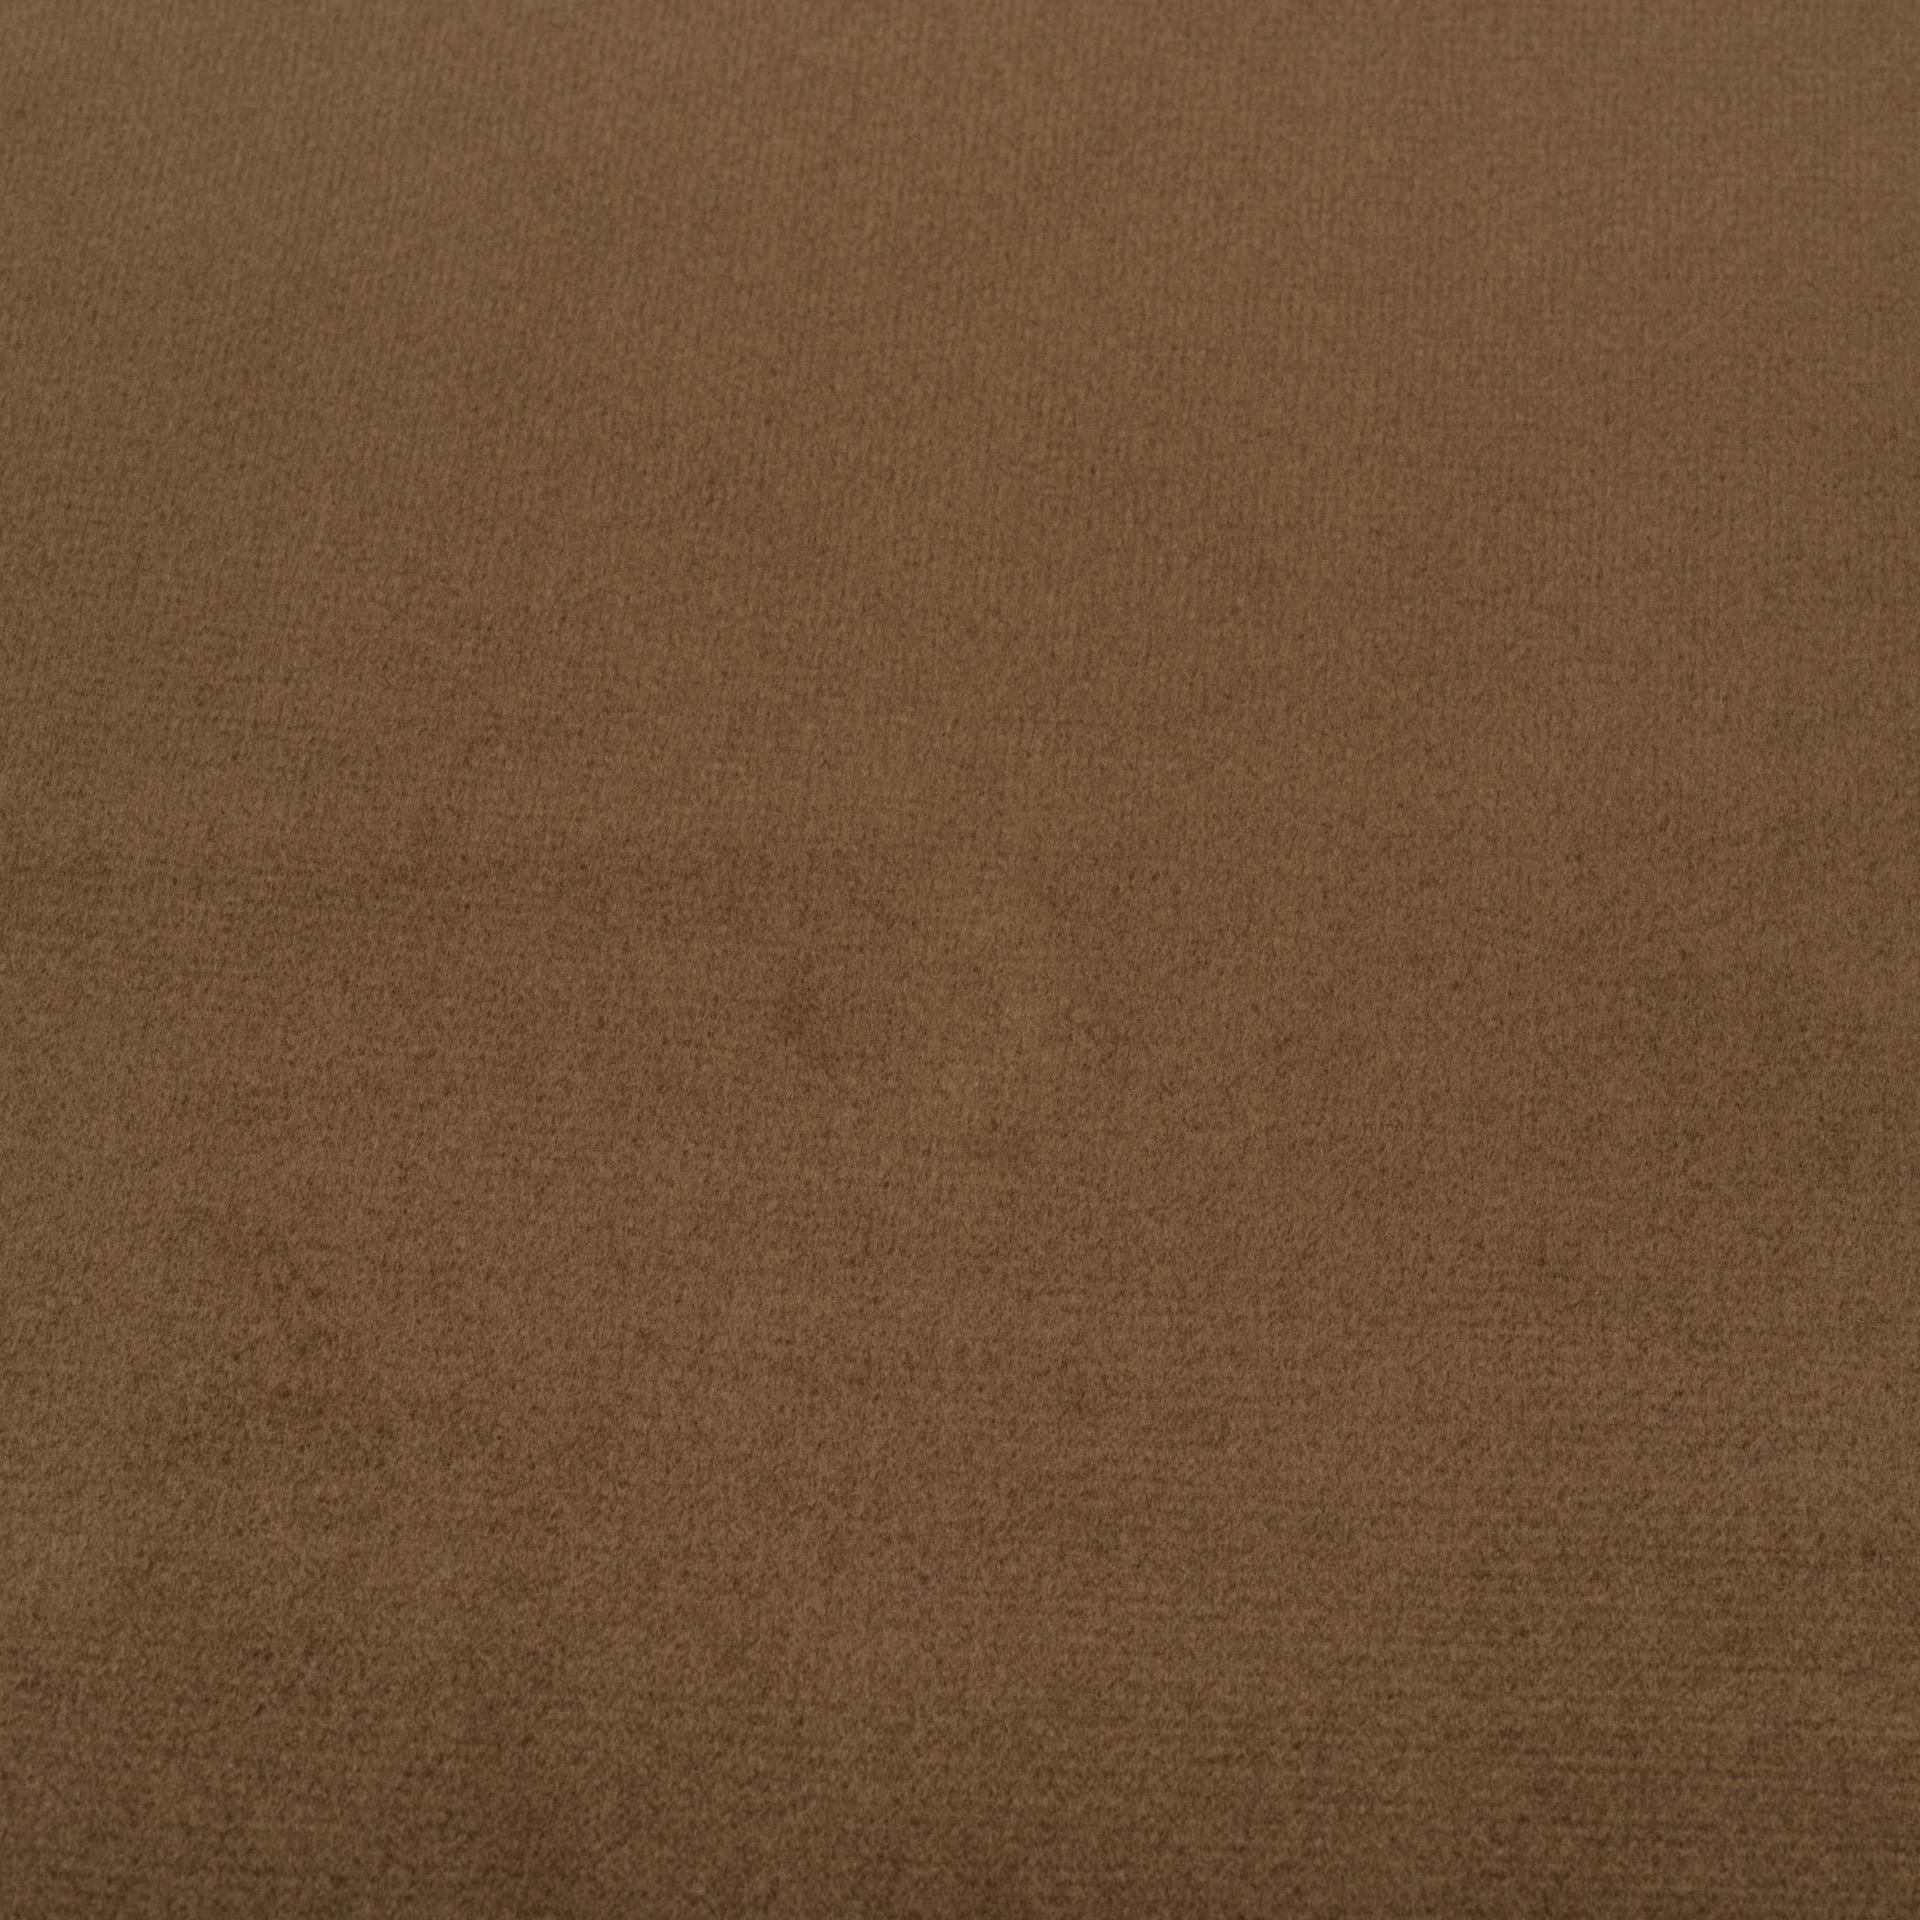 Коллекция ткани Багира 07 HERBAL HONEY,  купить ткань Велюр для мебели Украина